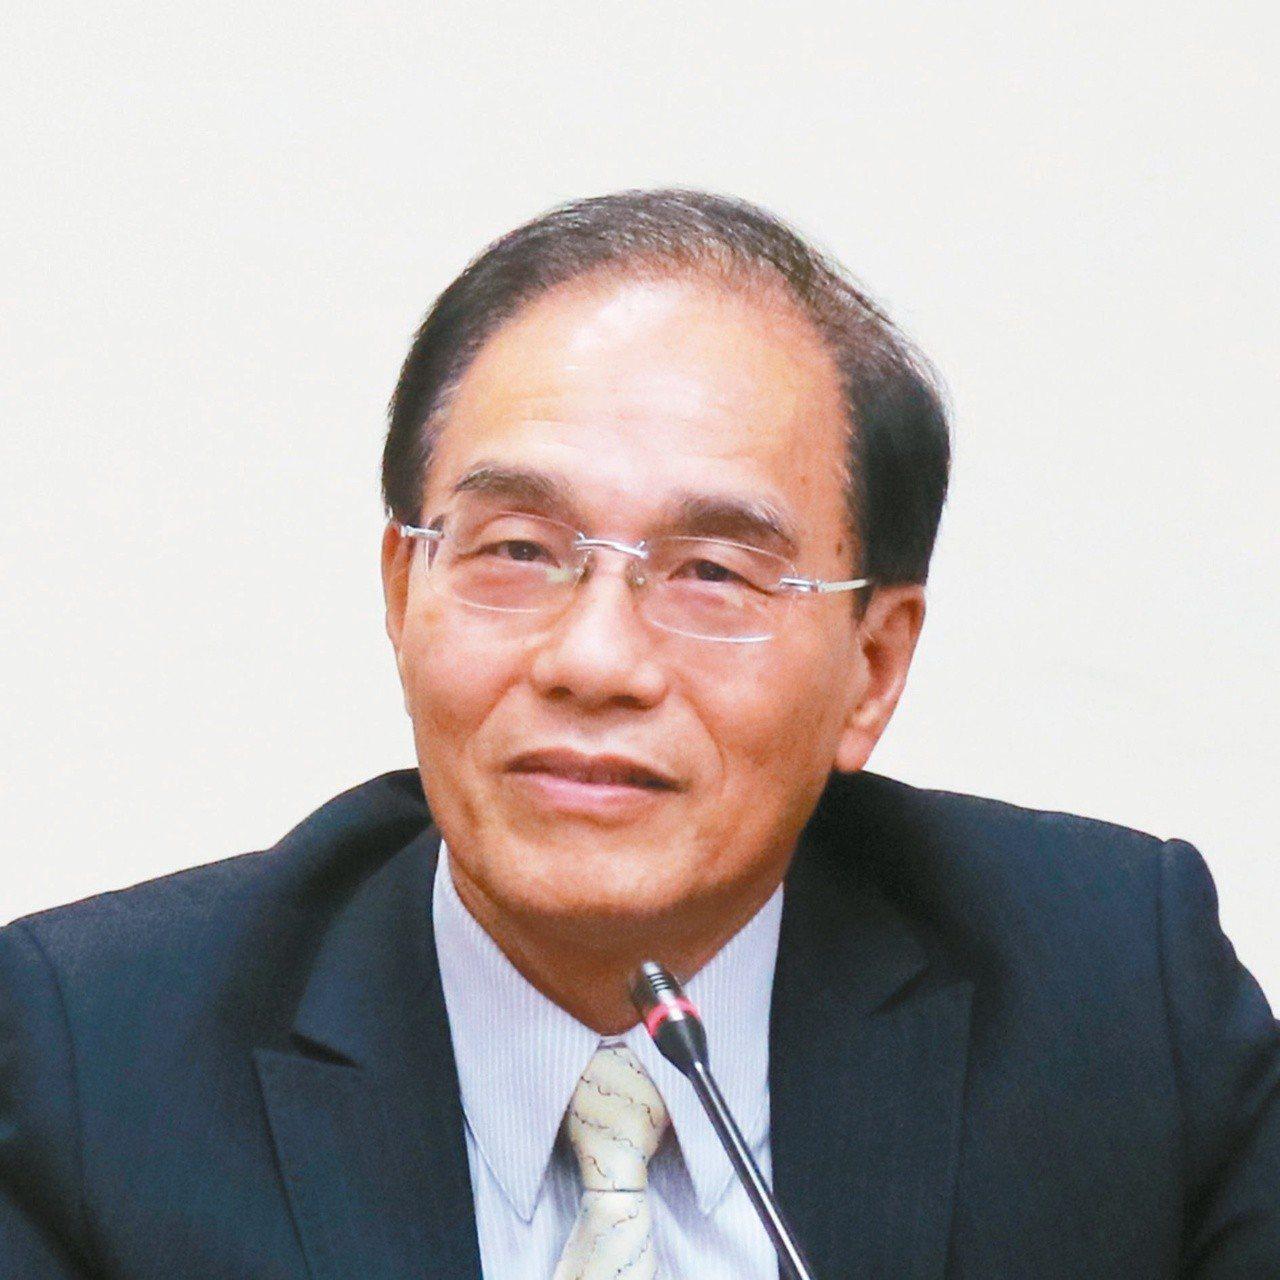 戴正吳表示,夏普準備把受美國禁令限制的筆電生產線轉至越南或台灣。 本報資料照